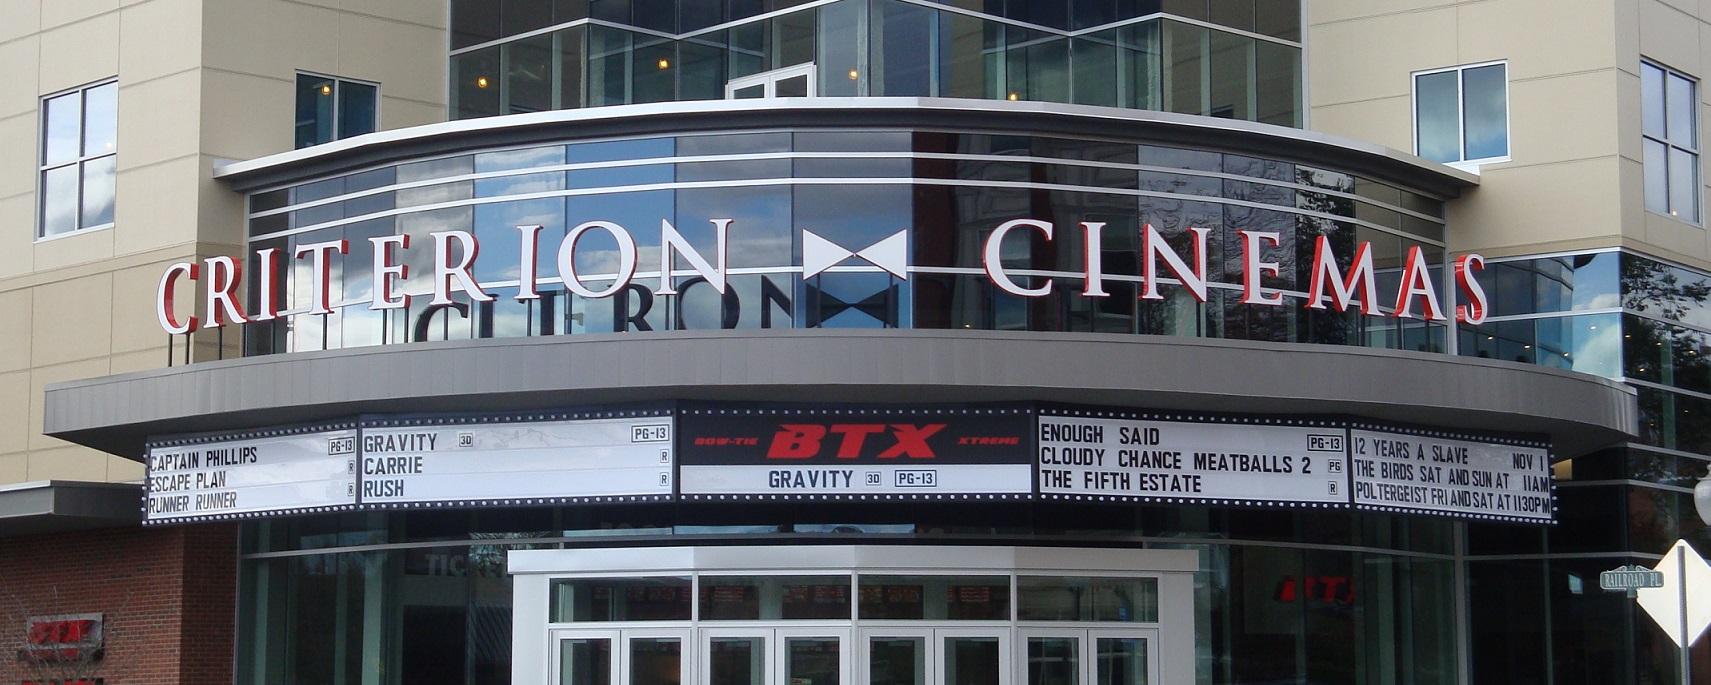 Criterion Cinemas 11 & BTX | Bow Tie Cinemas